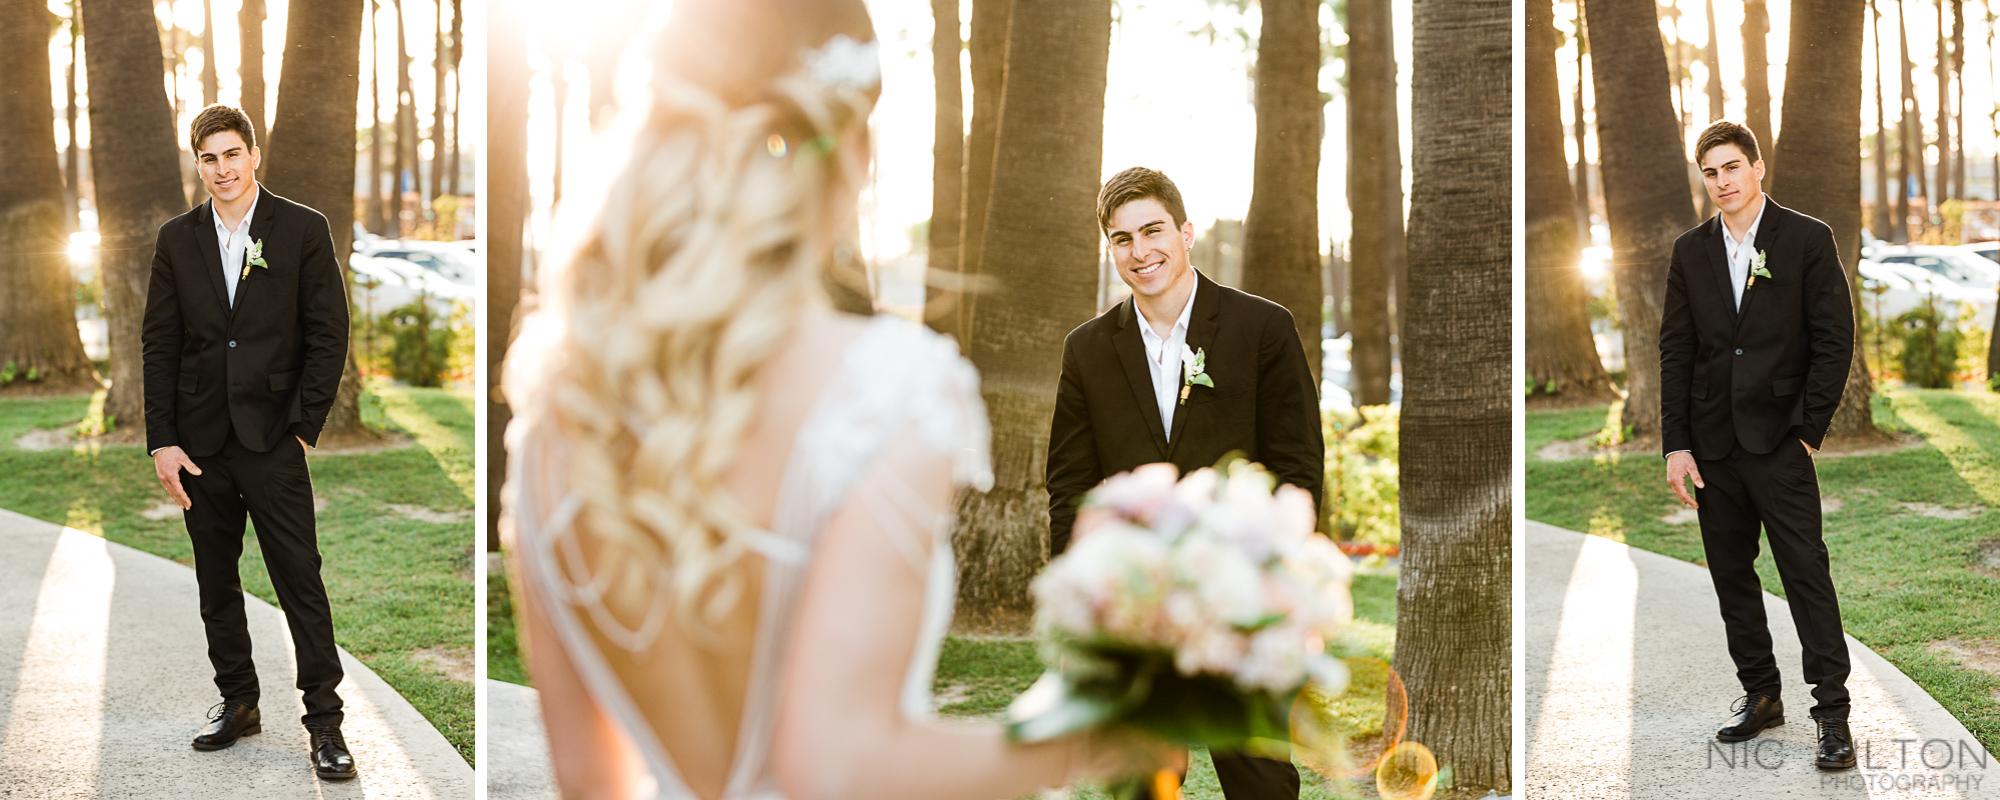 Groom-Photography-Hotel-Maya-Wedding.jpg